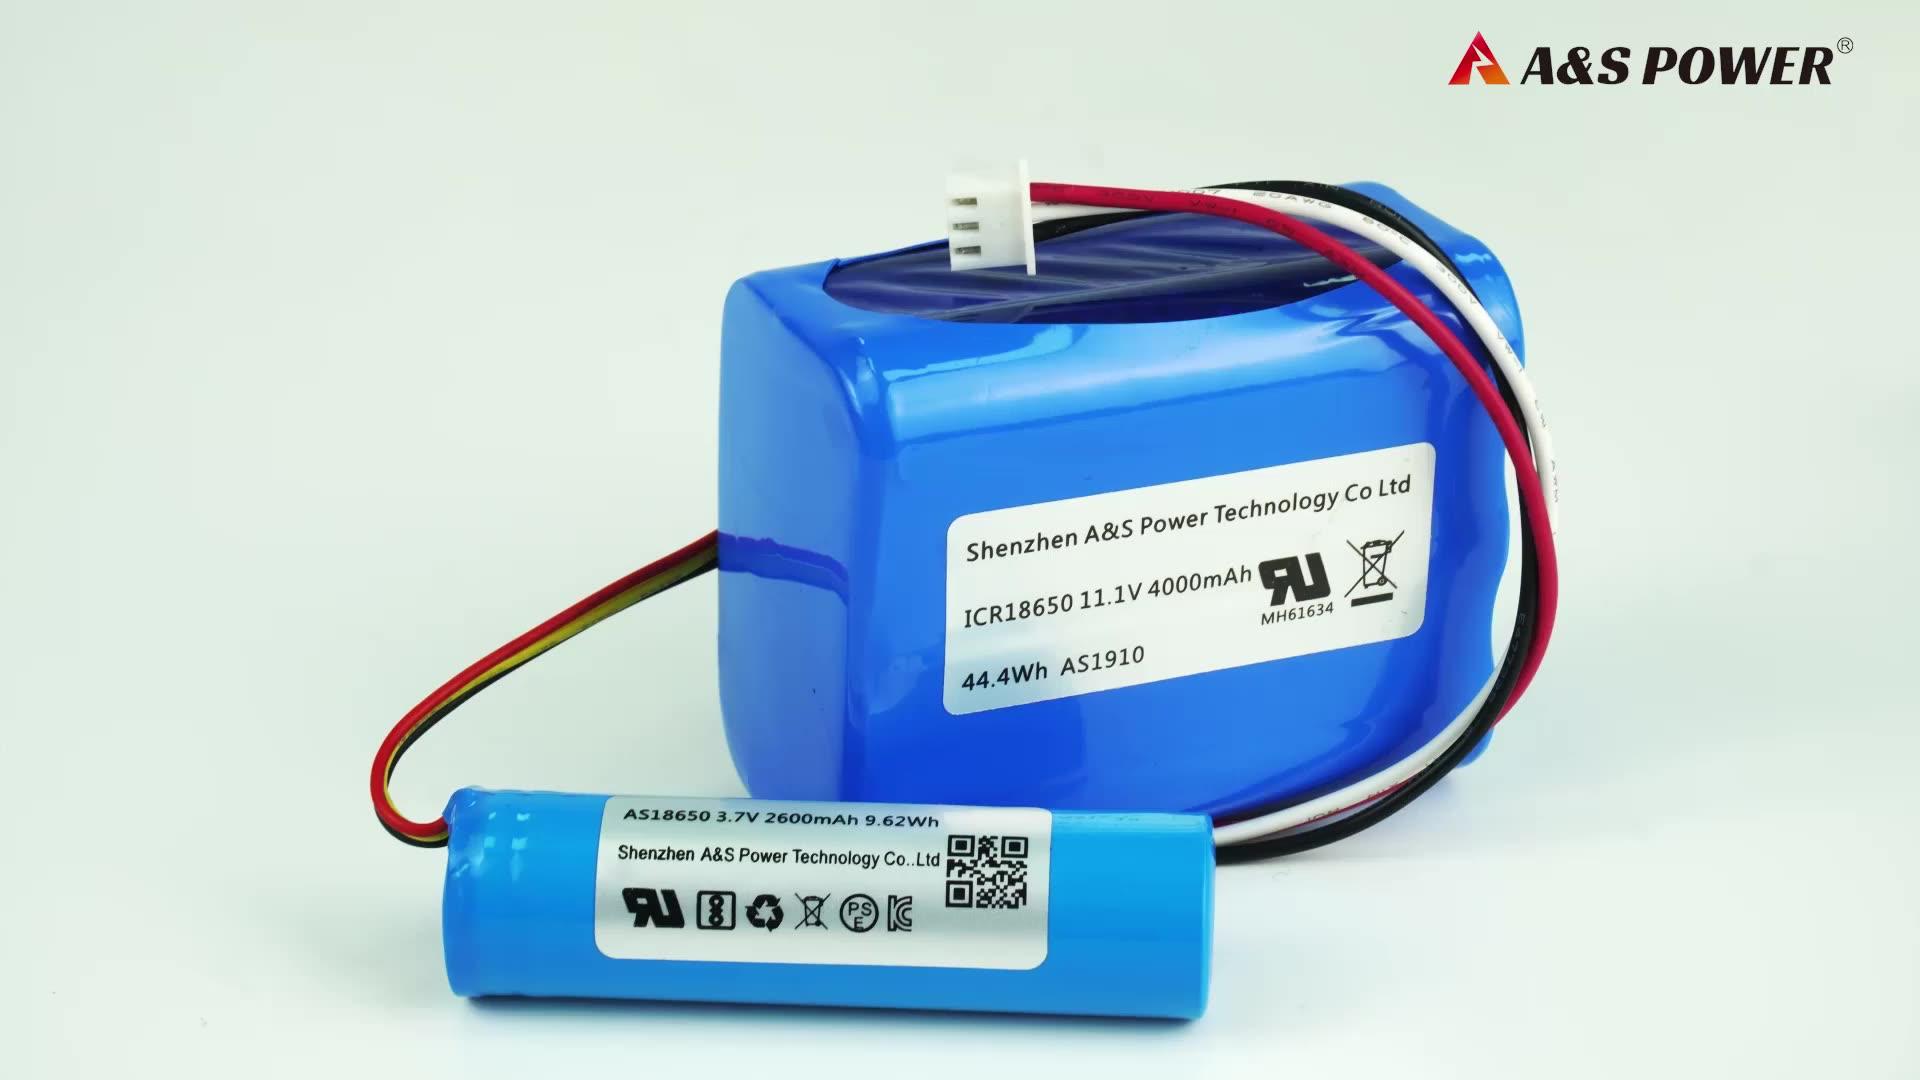 UL2054 CB BIS KC Certificado de batería Li-ion 18650 de 3,7 v 2600 mah batería recargable de iones de litio de la batería celular para ventilador